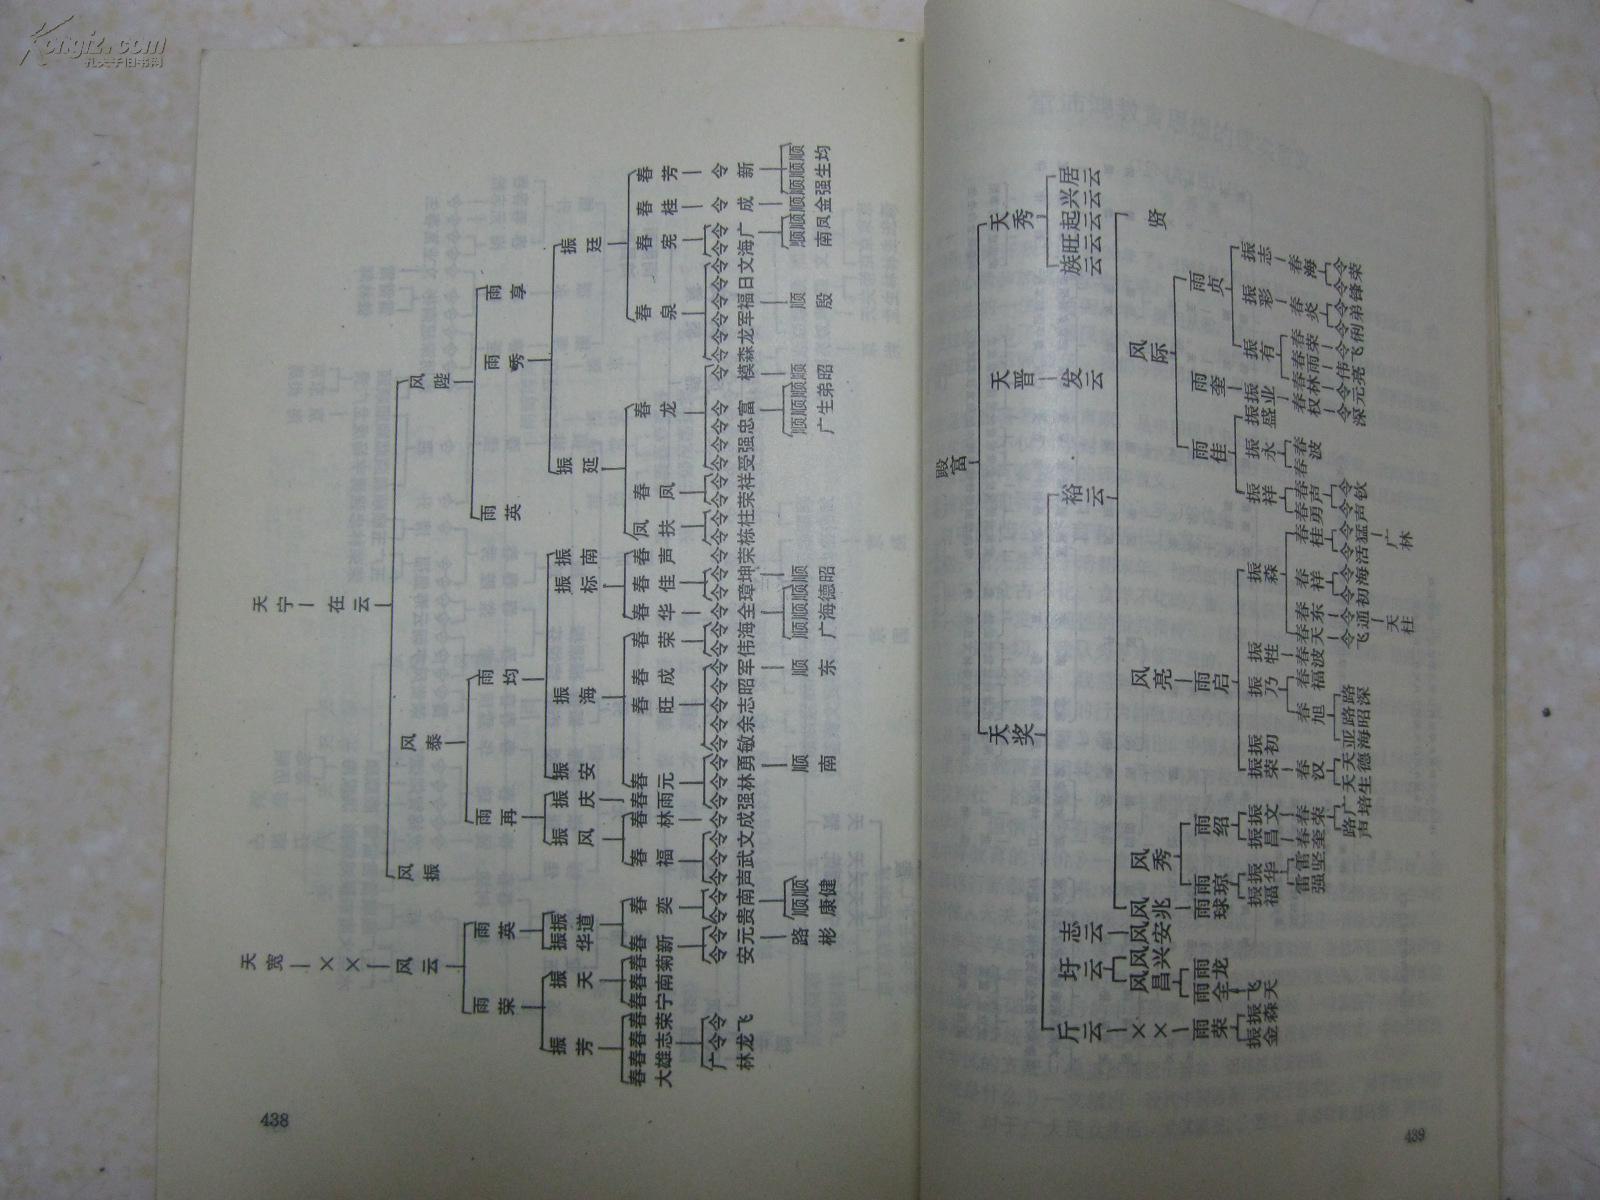 宁氏族谱字辈-雷氏家谱辈分表图片